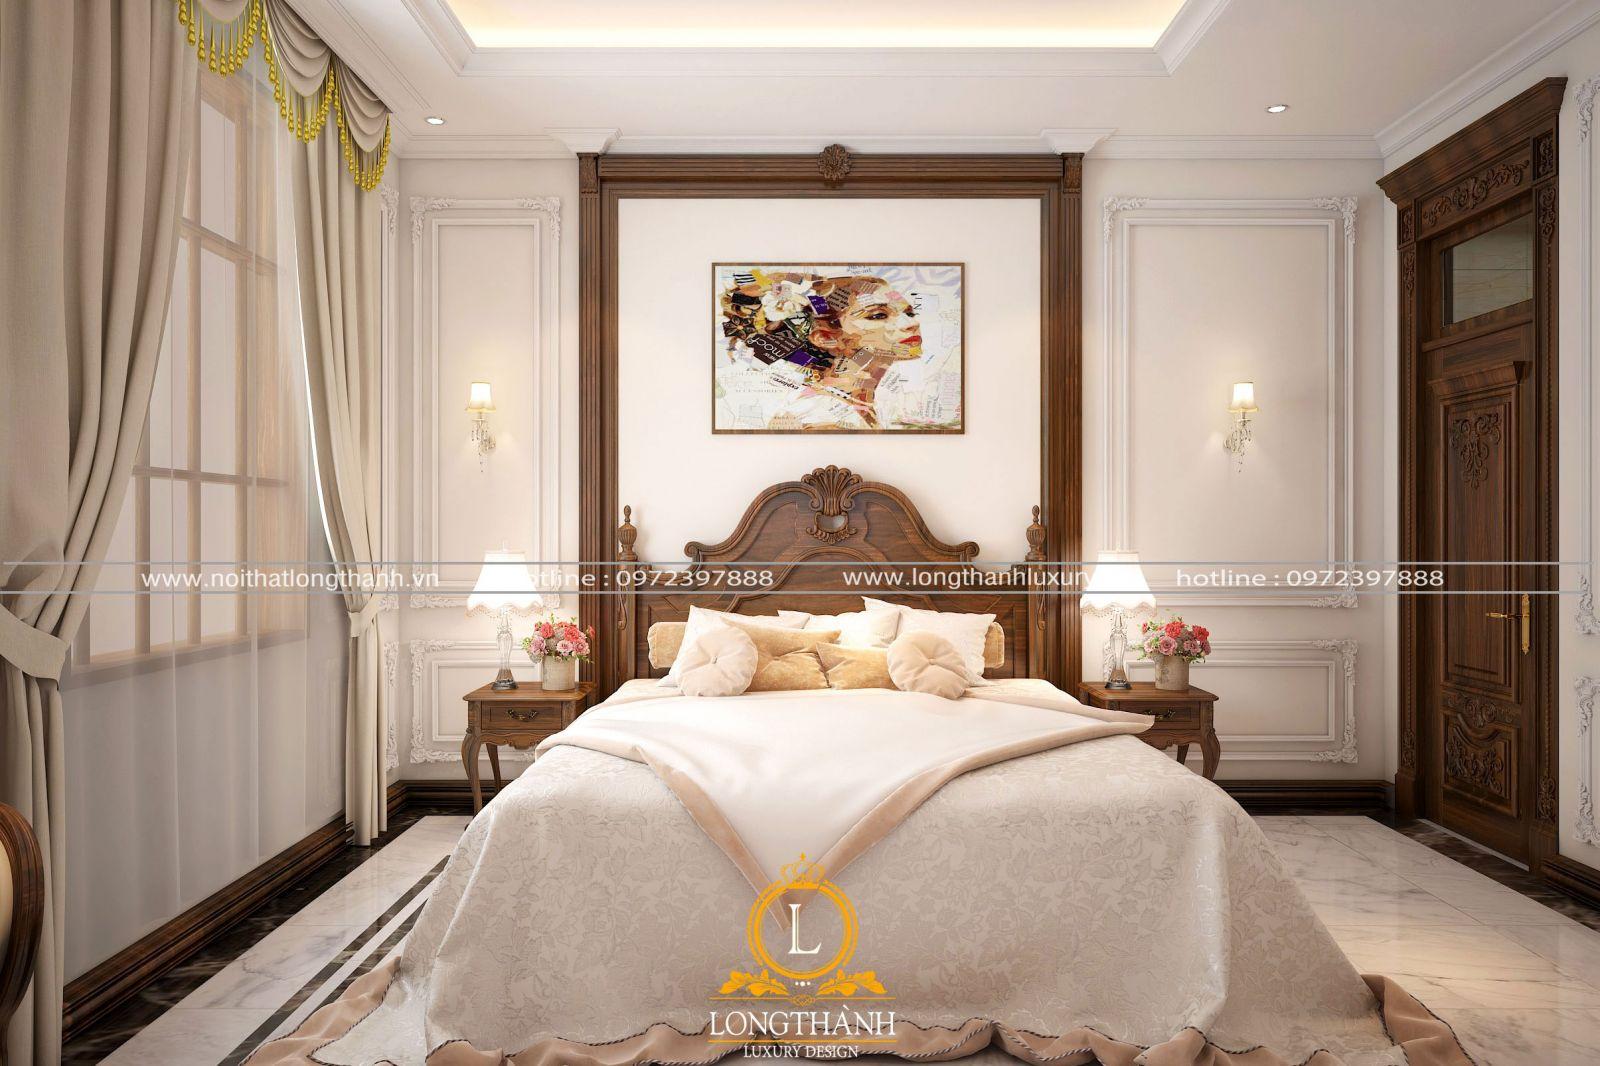 Phòng ngủ với nét đẹp độc đáo được thiết kế nhẹ nhàng cho các quý cô